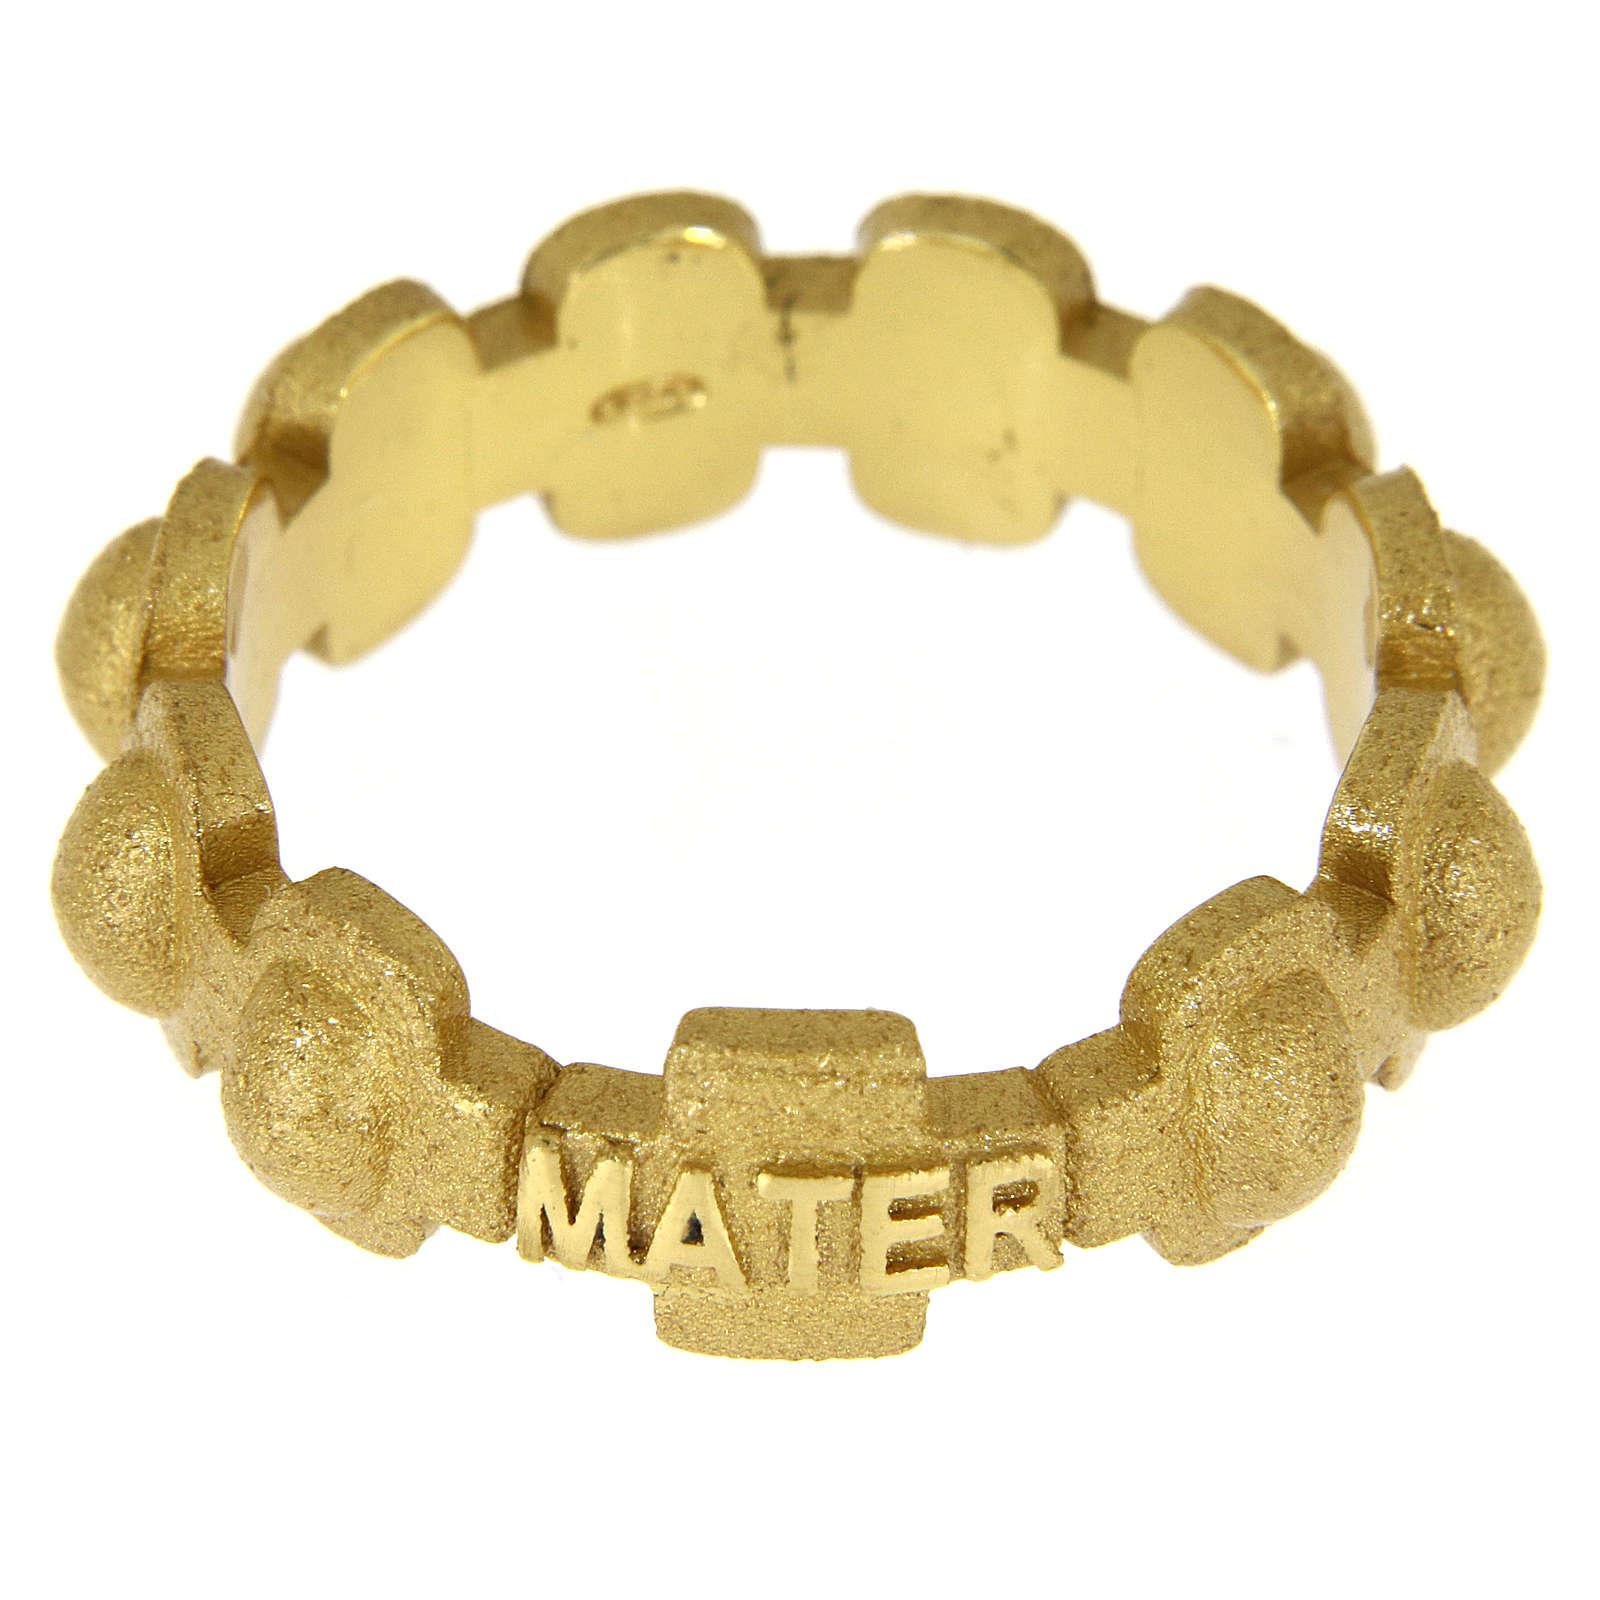 Anillo rosario MATER plata 925 arenada dorada 3